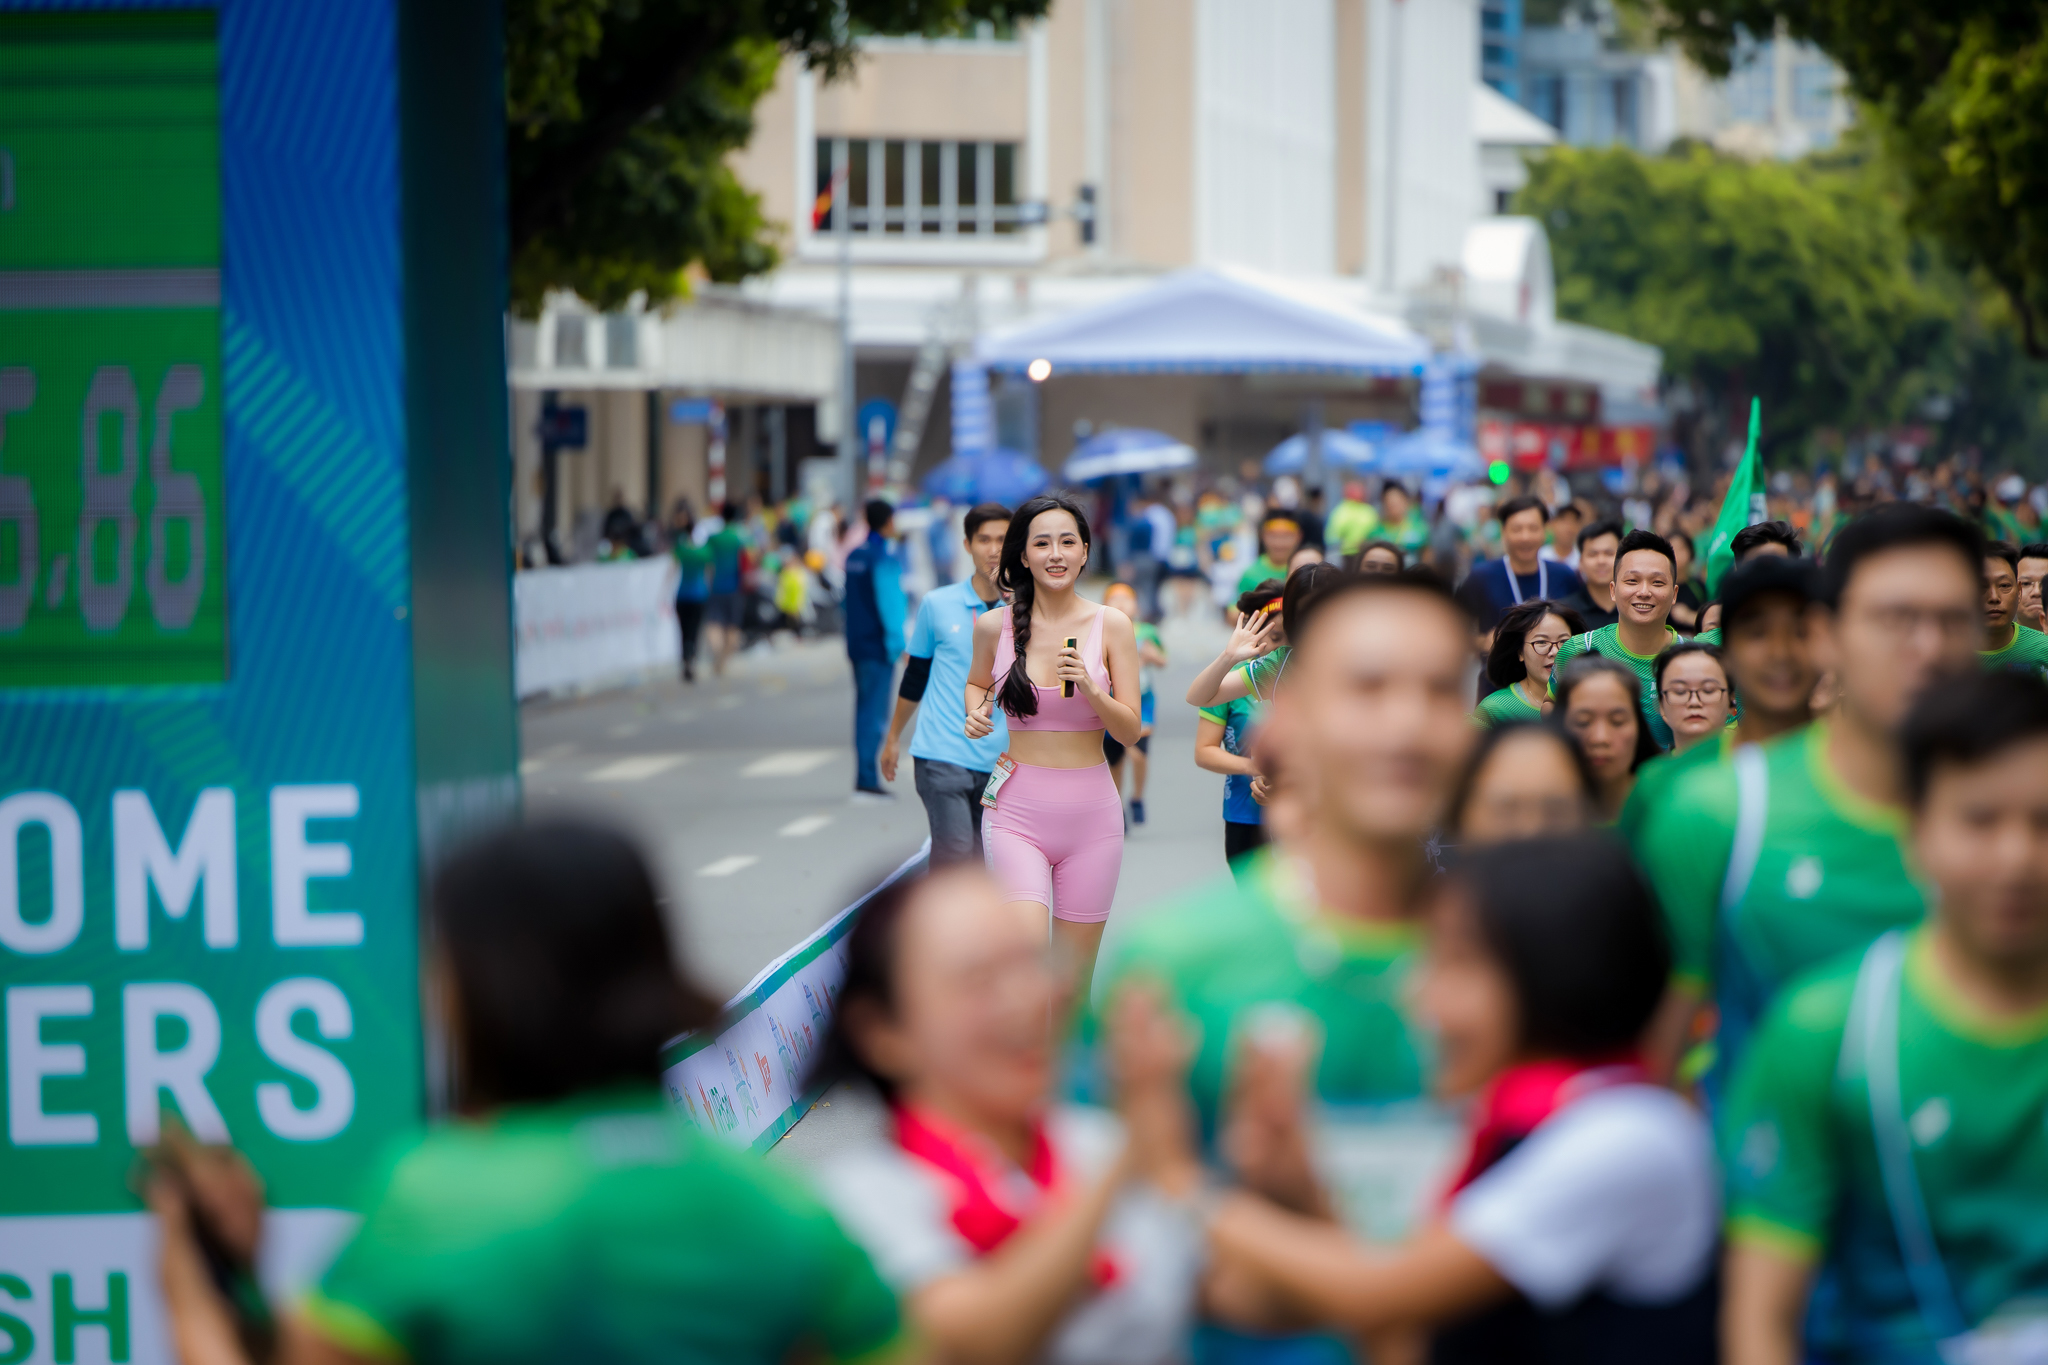 Mai Phương Thuý khoe hình thể chuẩn khi chạy bộ ở Hồ Gươm